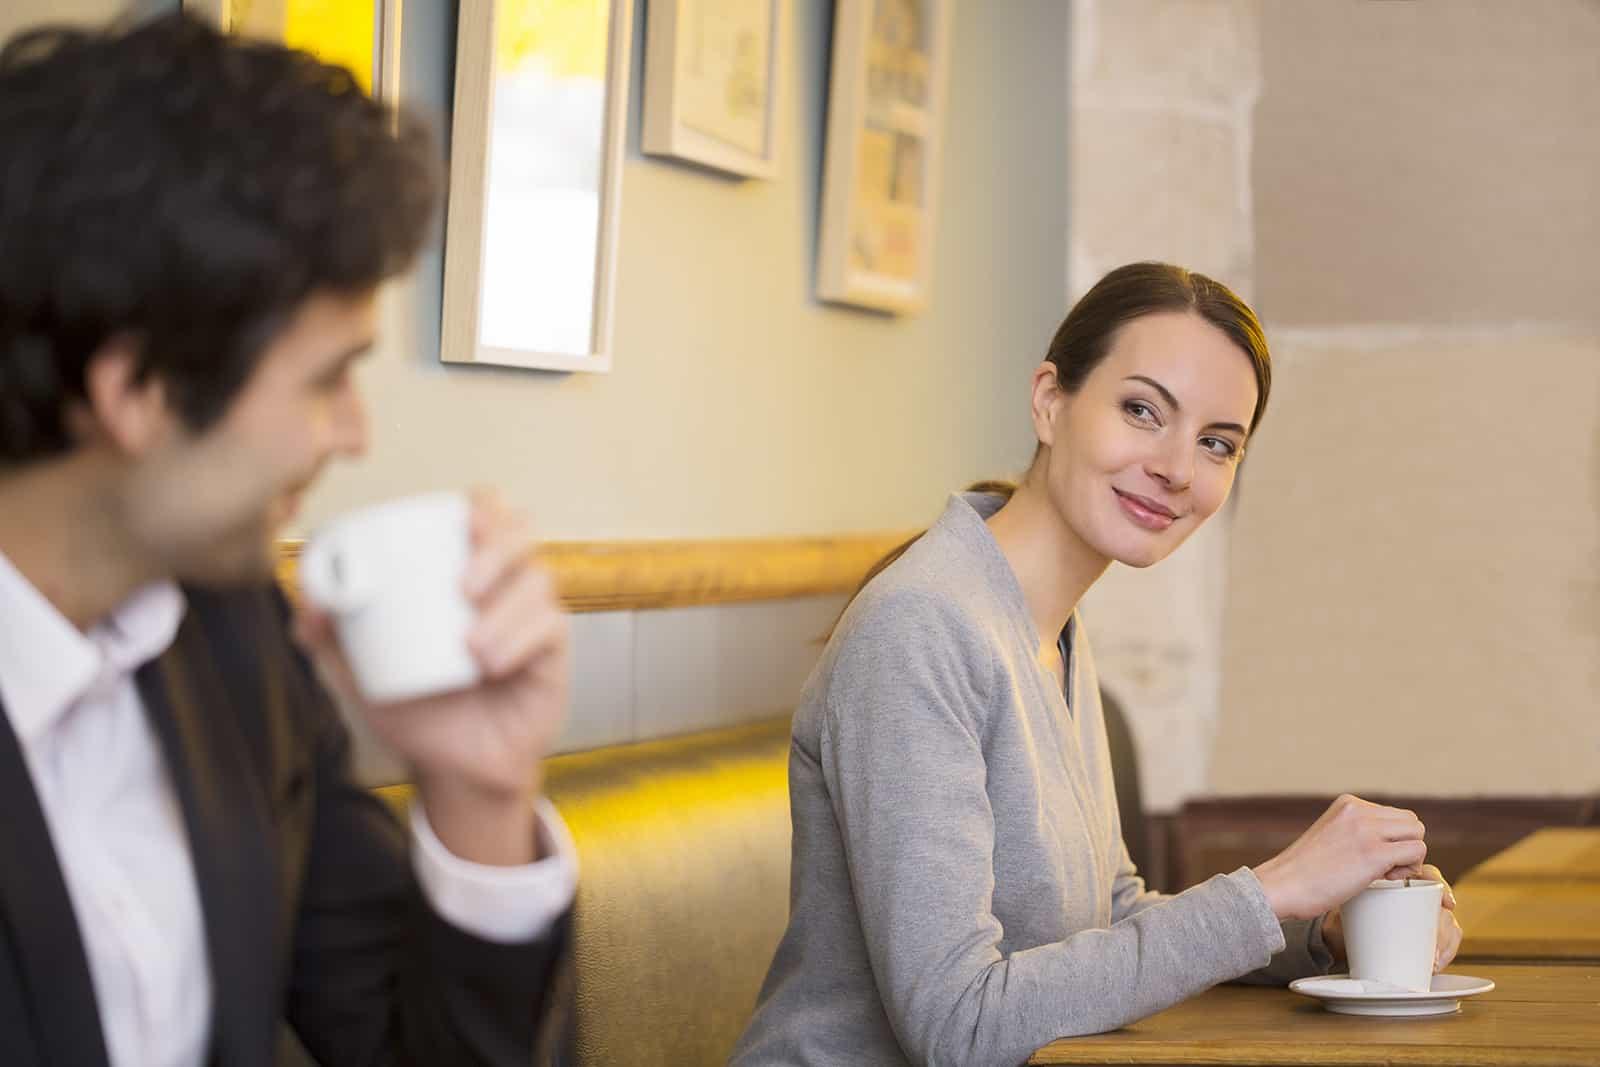 Ein Mann und eine Frau flirten in einem Restaurant, während sie Kaffee tranken